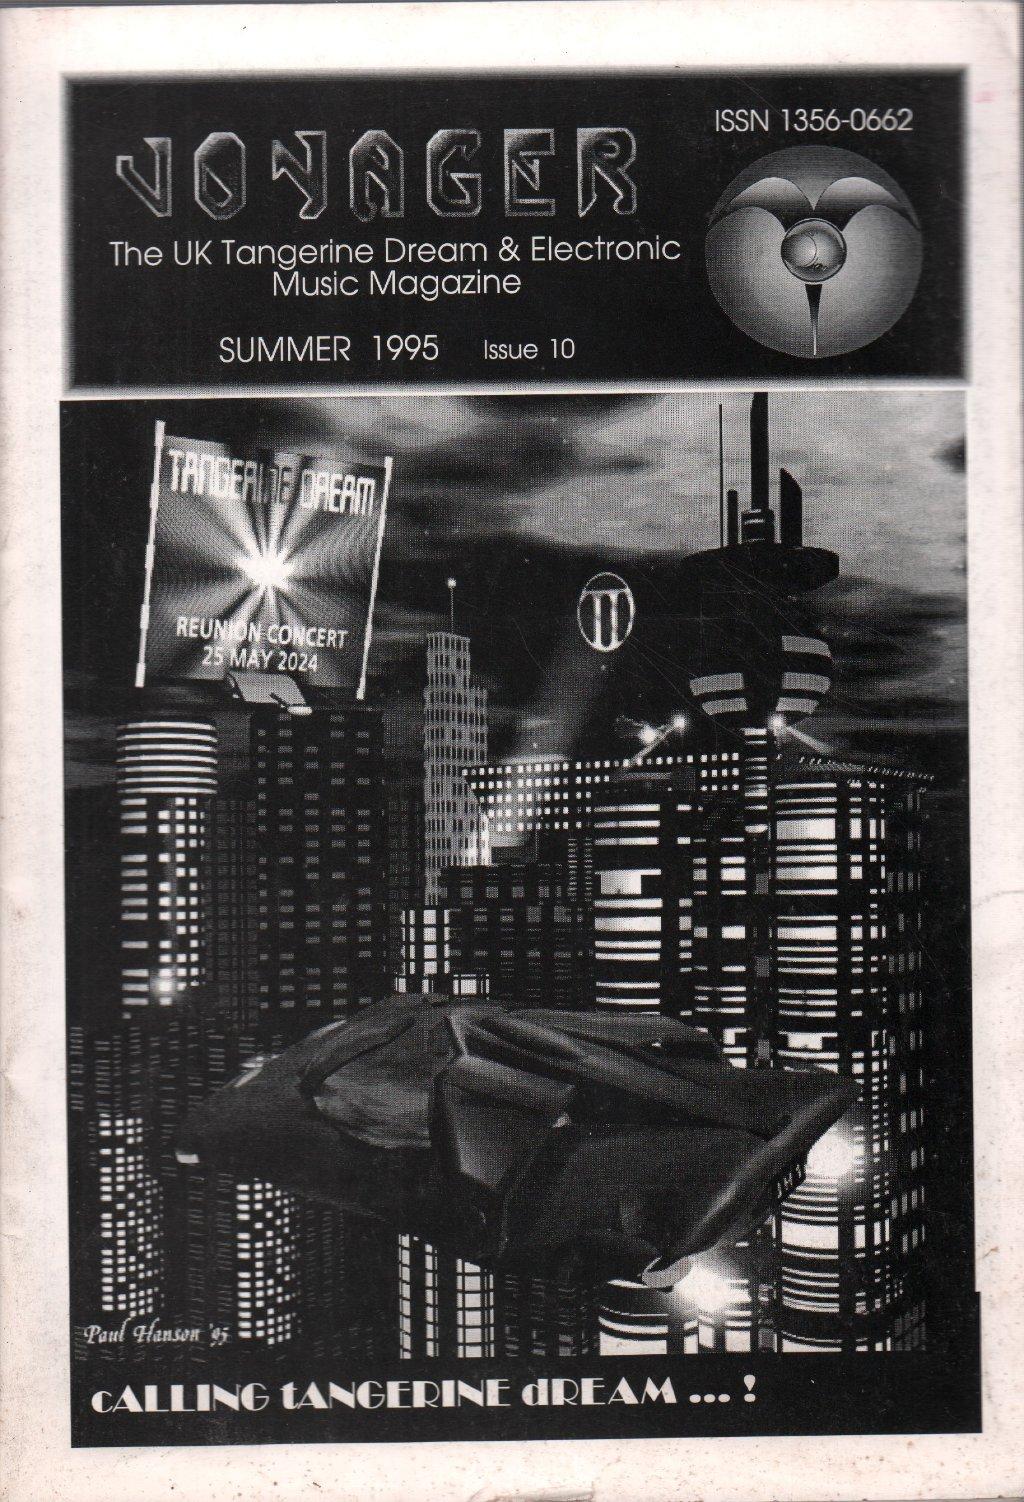 TANGERINE DREAM - Voyager Issue 10 - Magazine